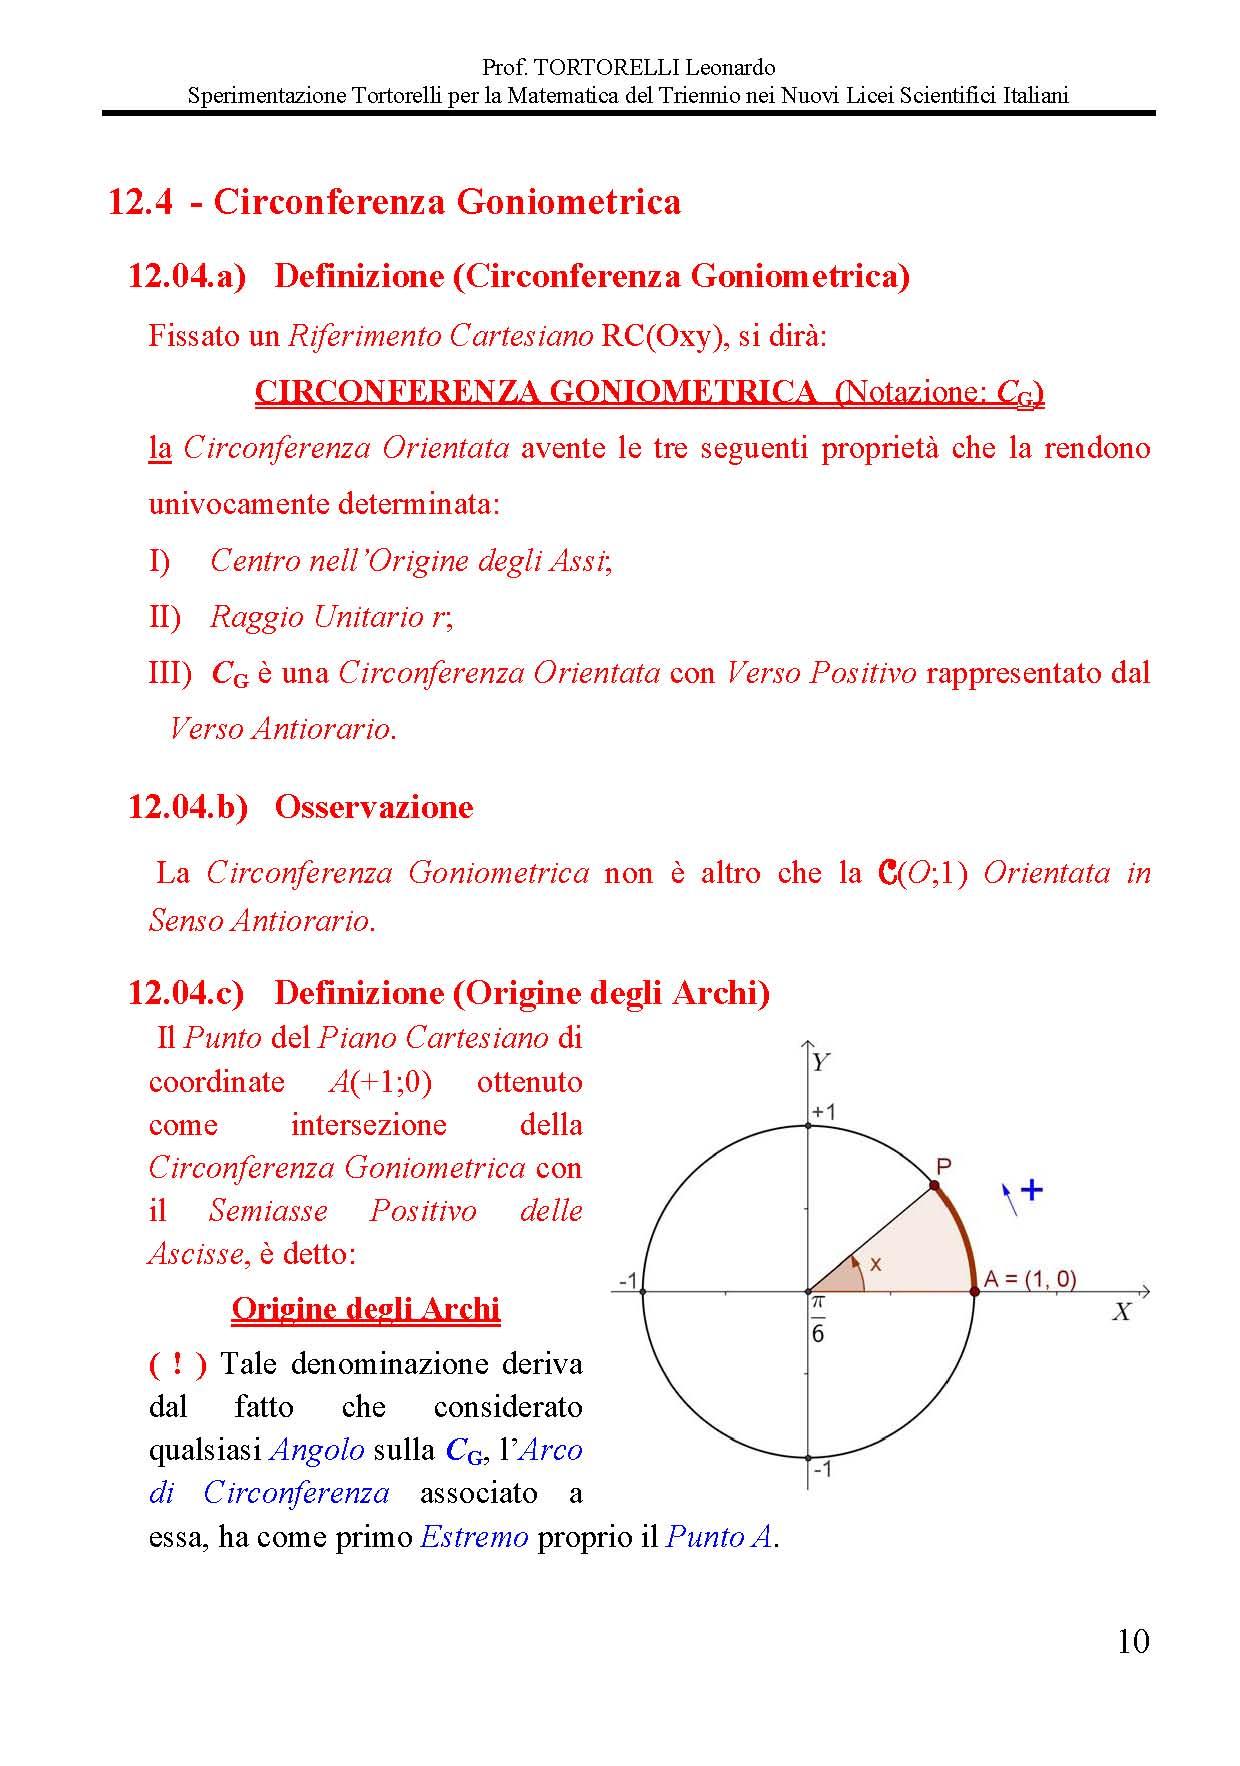 Introduzione alla Goniometria - Pagina_07